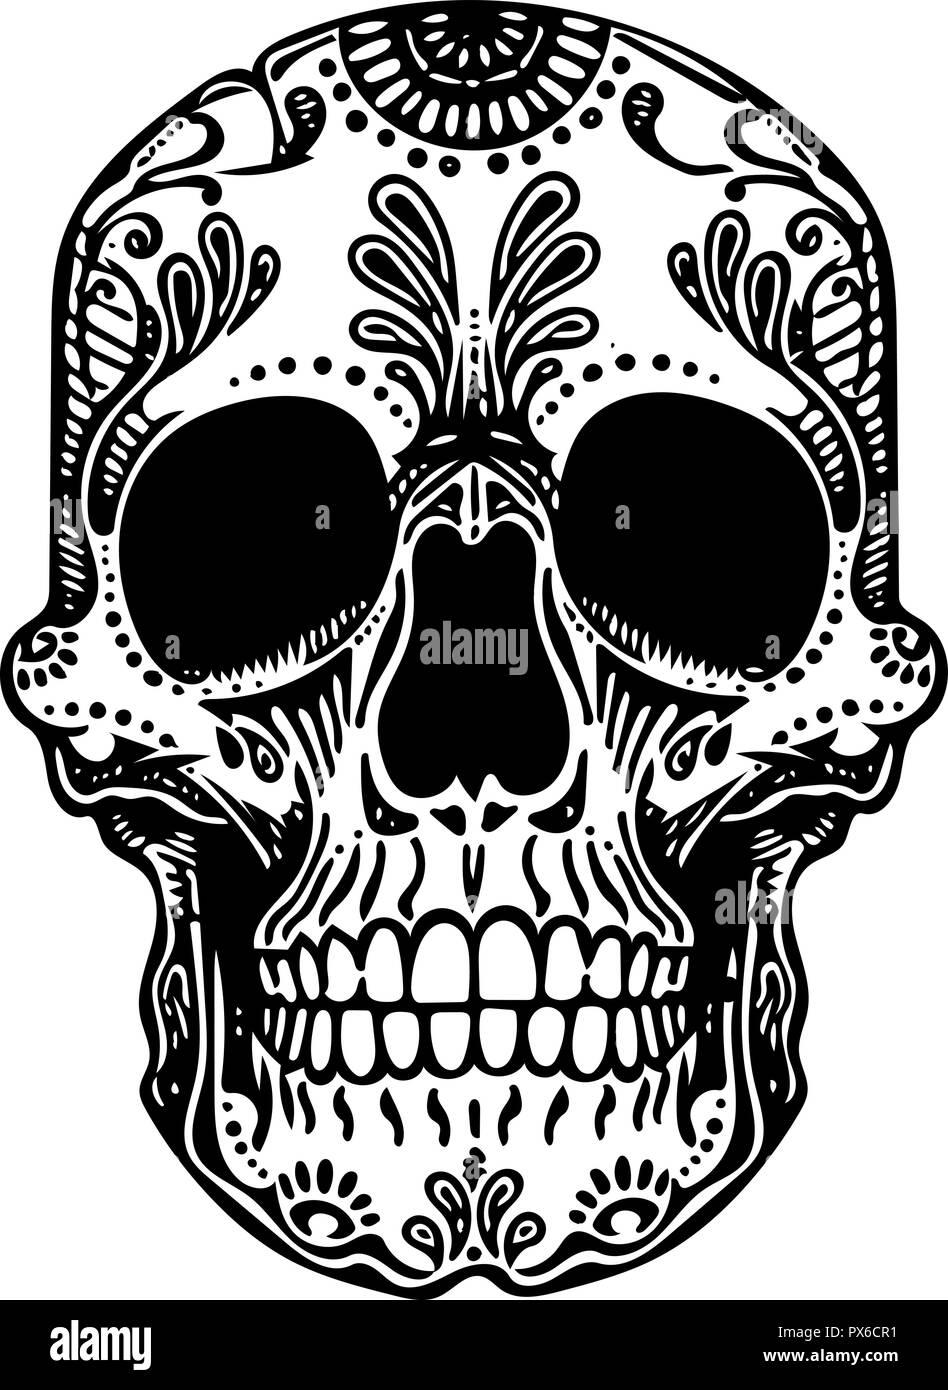 Vector Tattoo Noir Et Blanc Illustration Crâne Mexicain Vecteurs Et